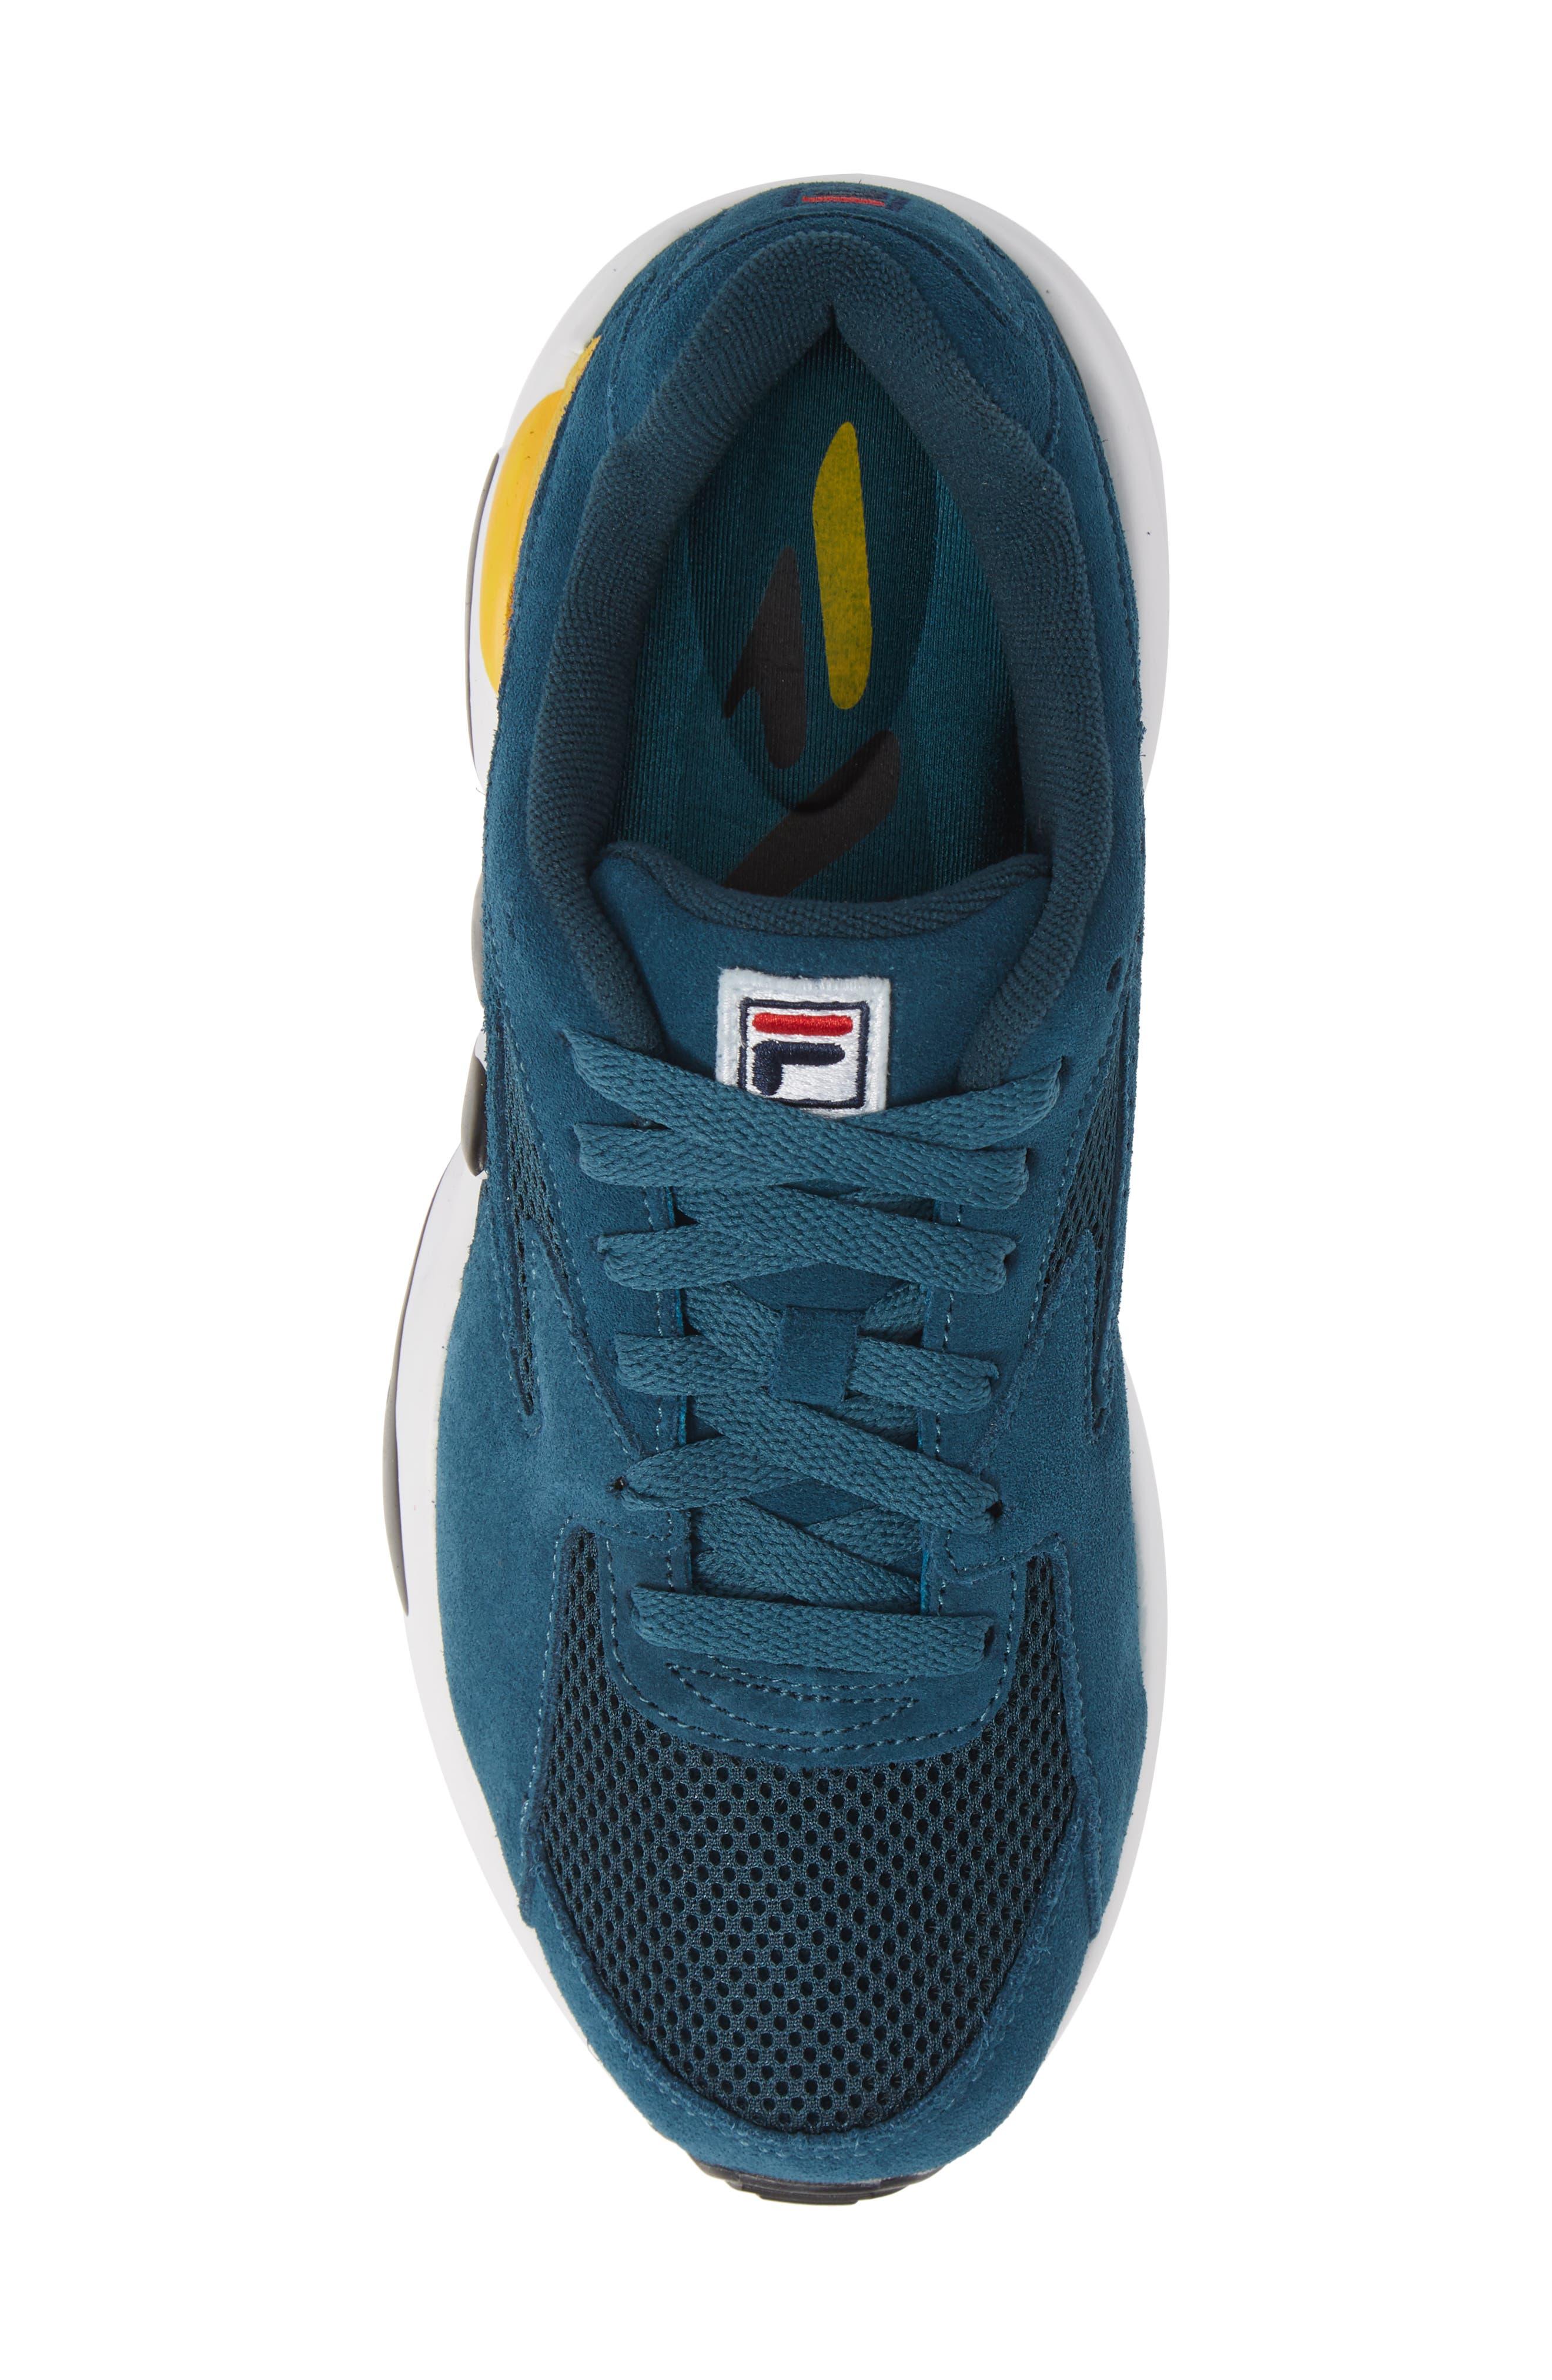 Mindblower Sneaker,                             Alternate thumbnail 5, color,                             WHITE/ BLACK